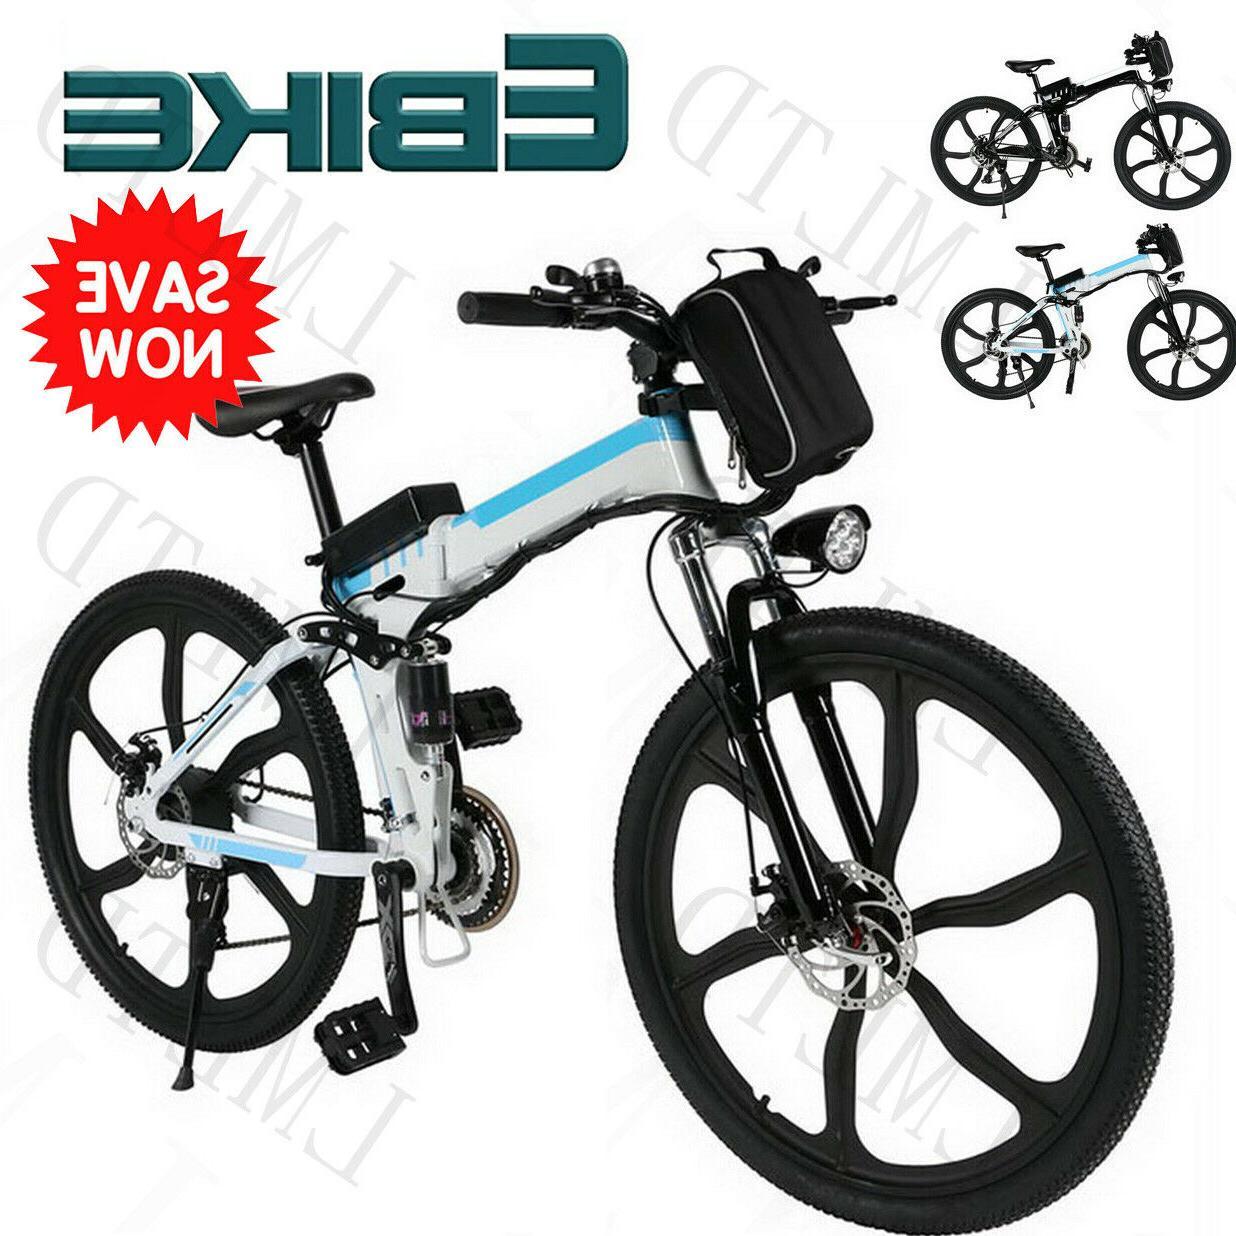 250W Power E-Bike 26 Inch Folding Electric Bicycle Bike 6-Sp